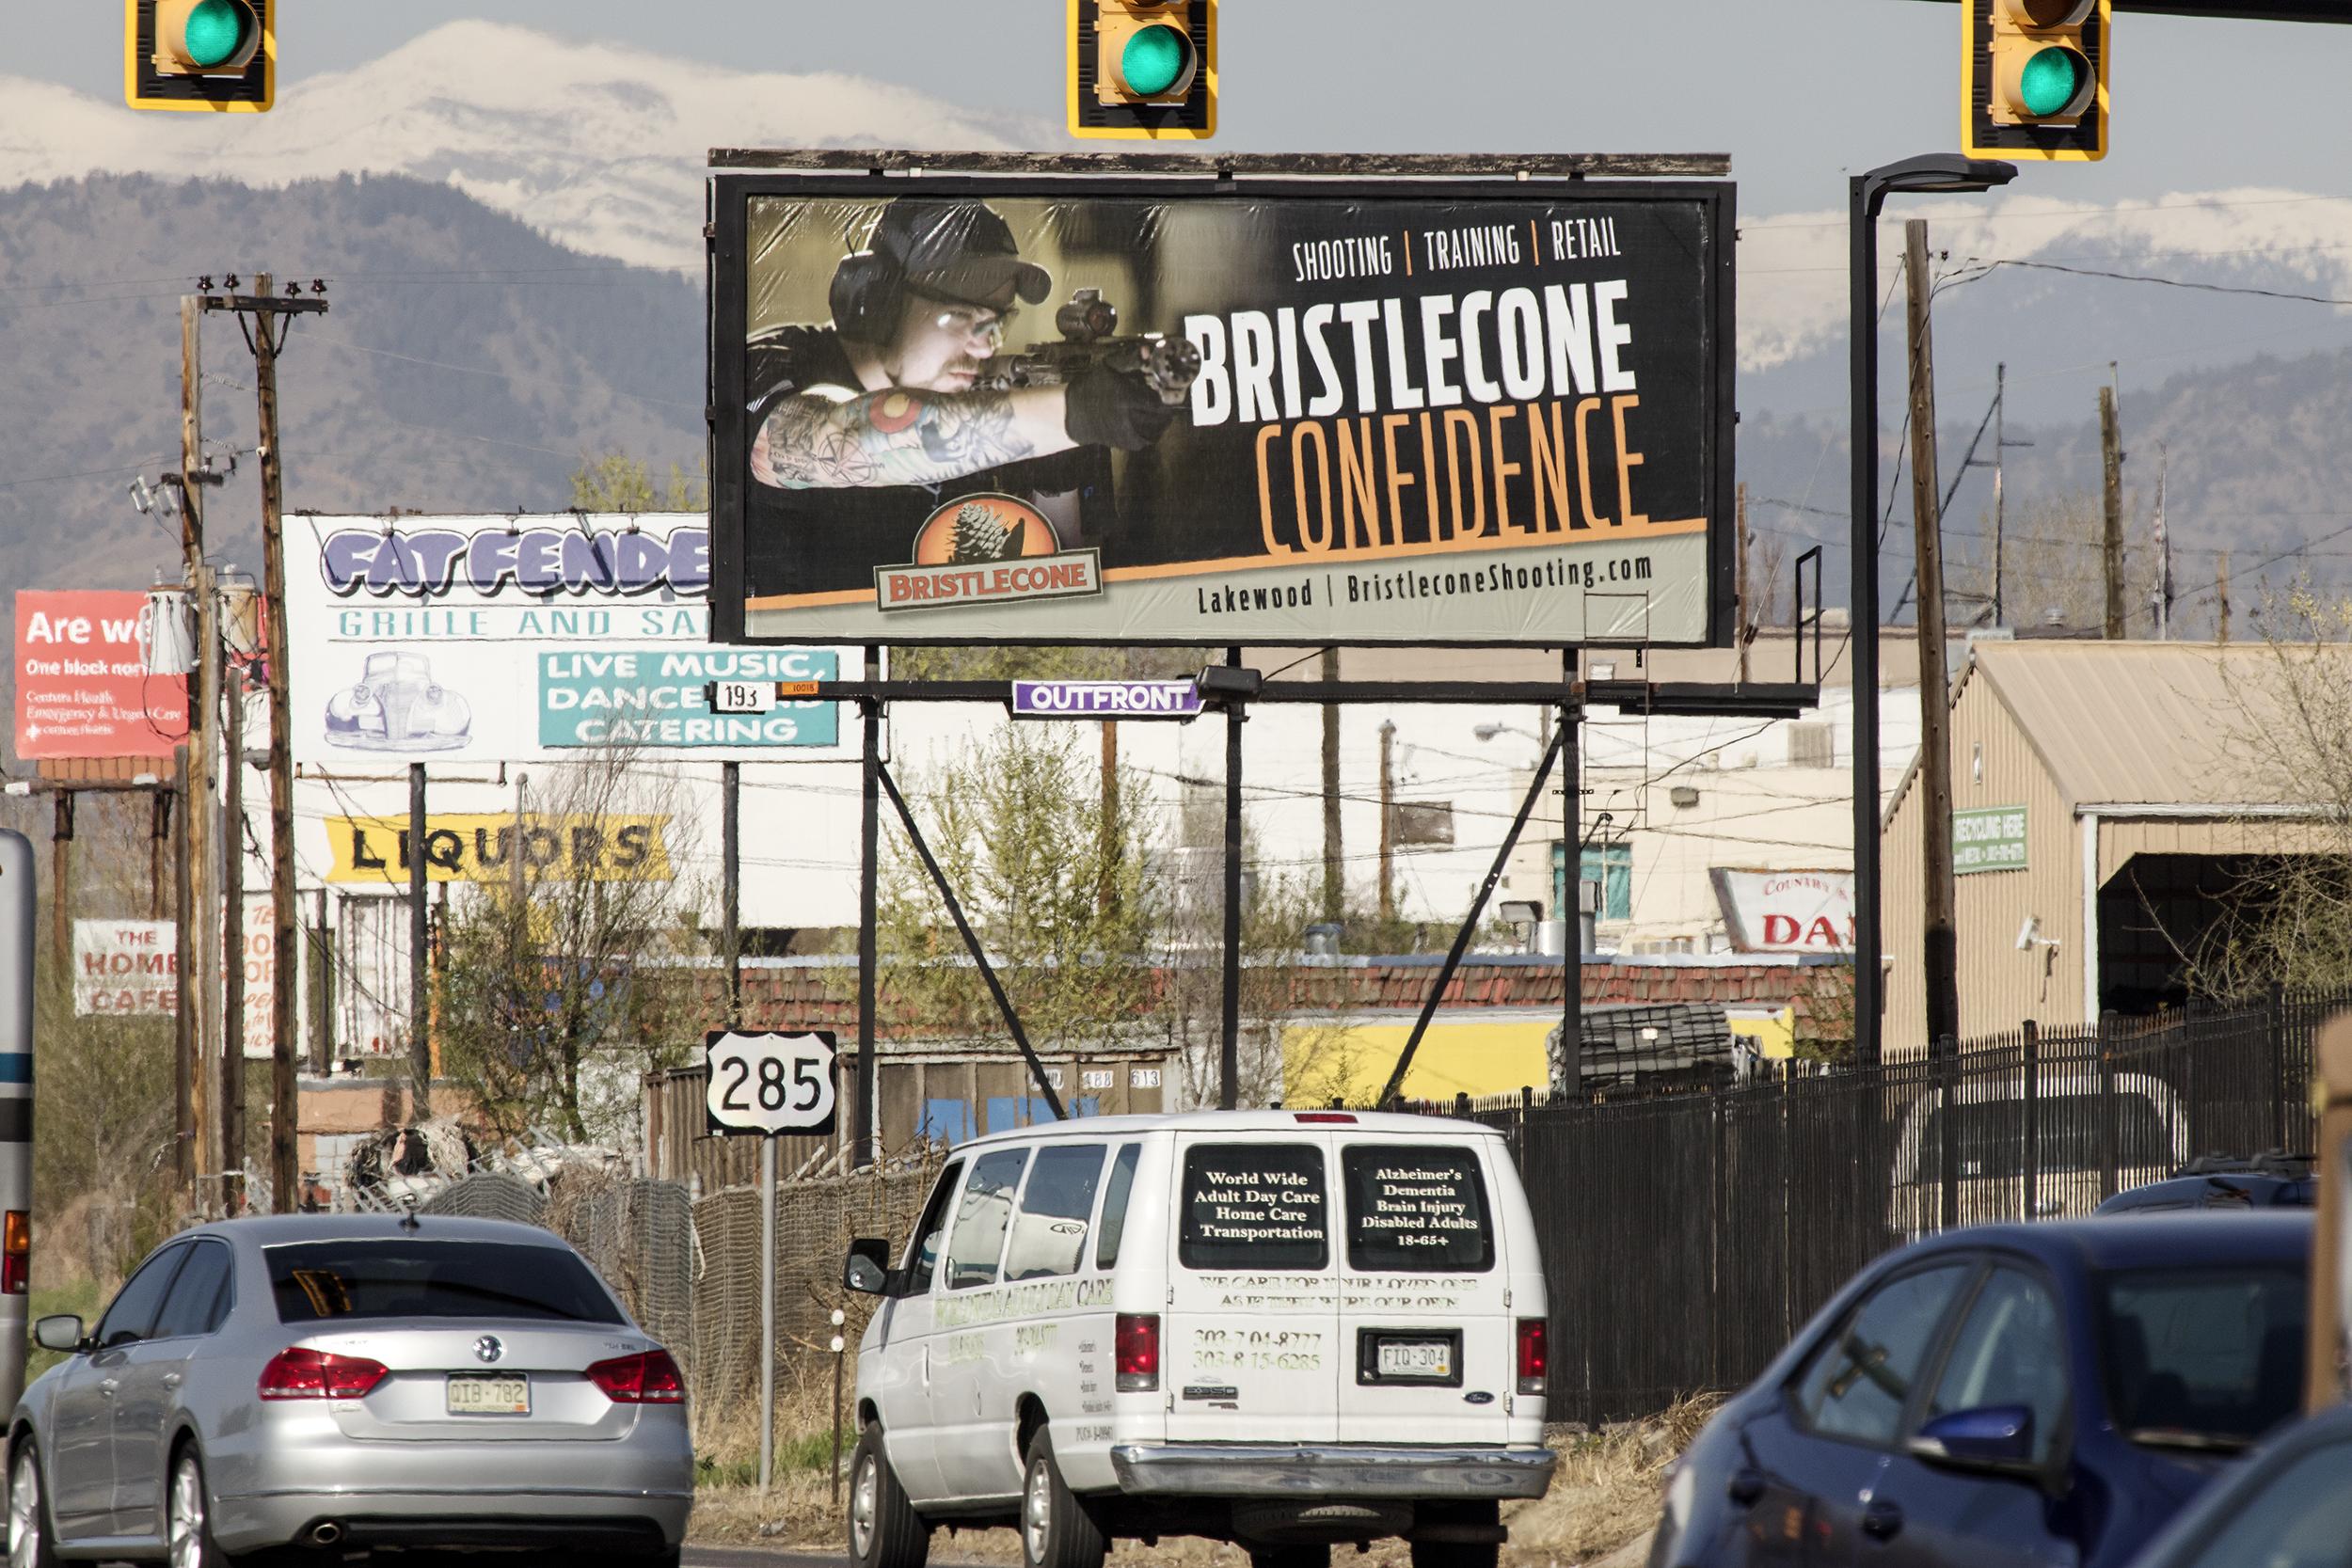 BRISTLECONE CONFIDENCE